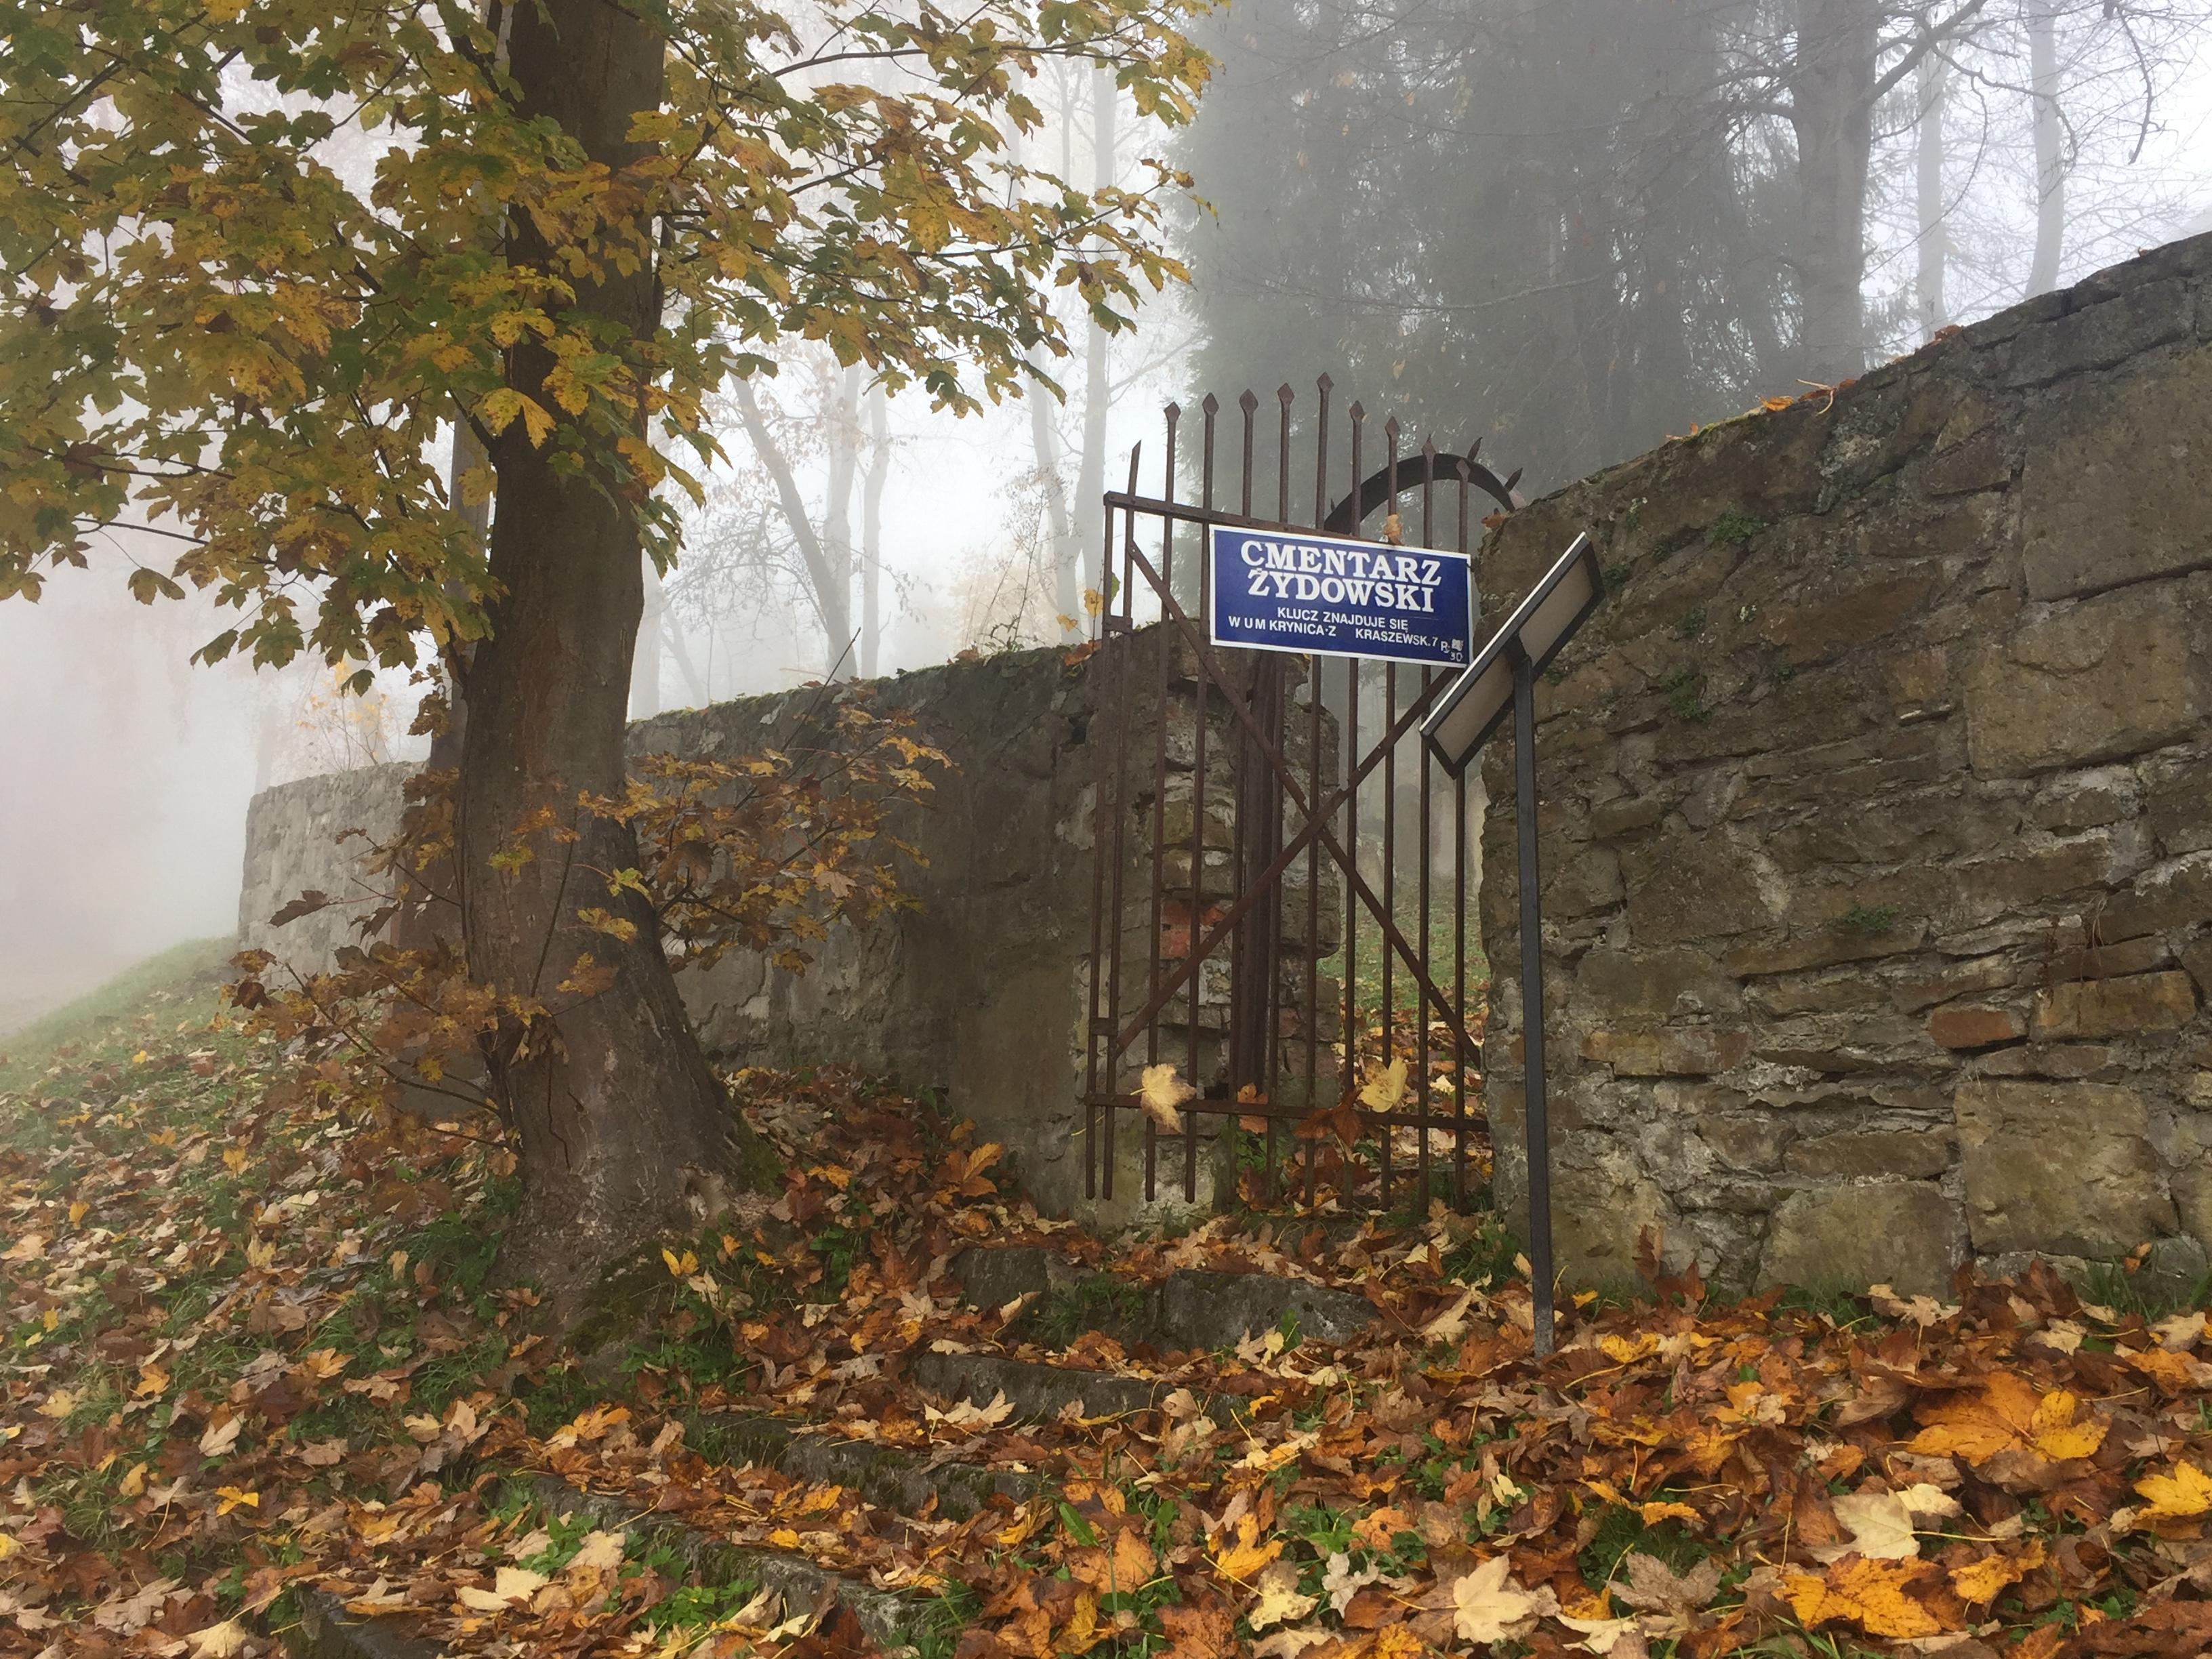 Wejście na Cmentarz Żydowski w Krynicy-Zdroju